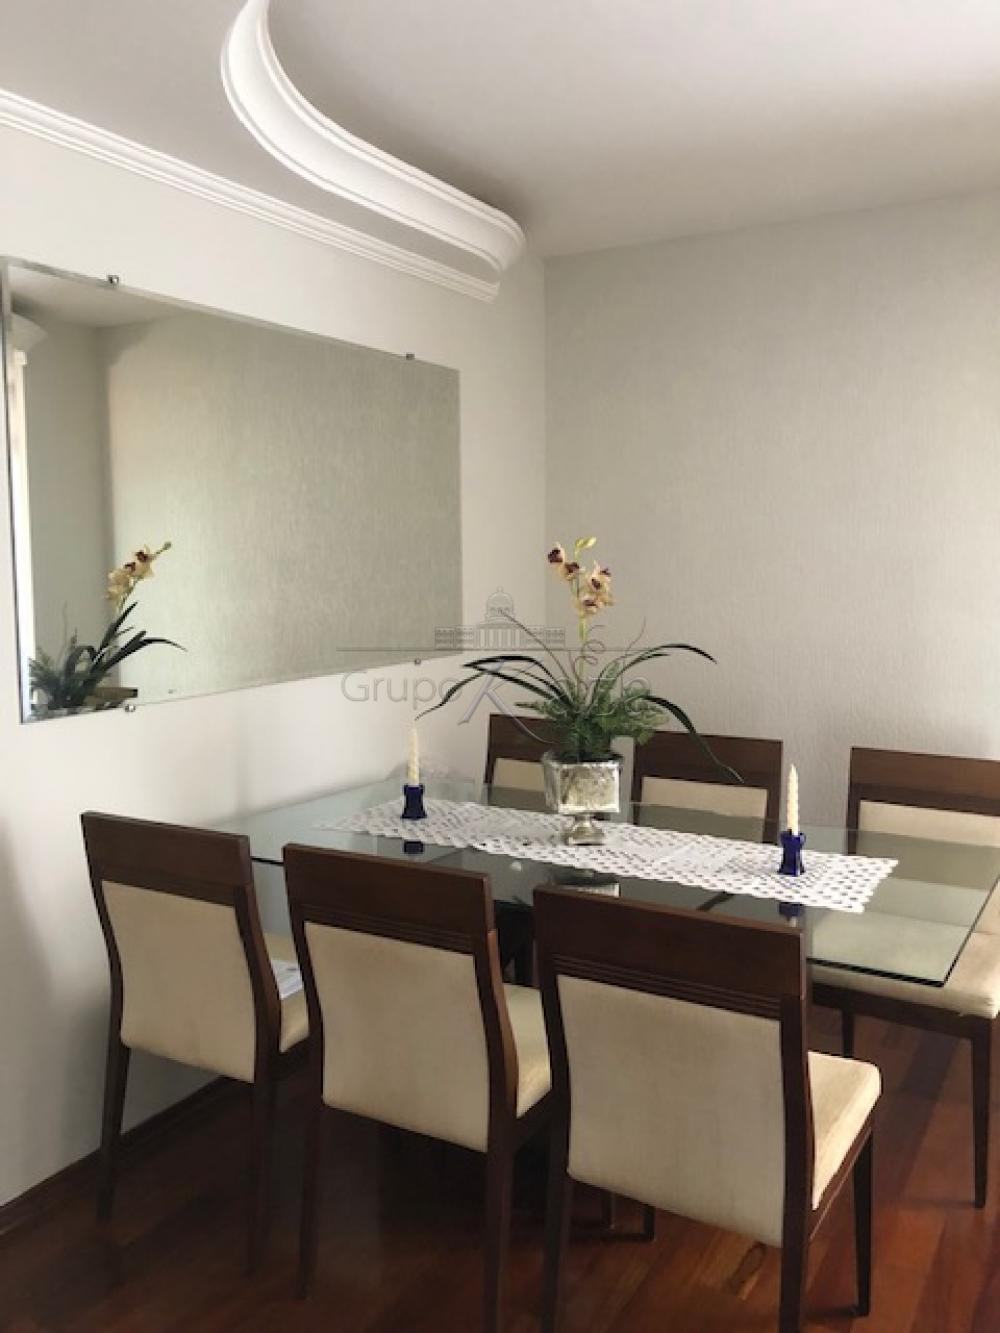 Comprar Apartamento / Padrão em São José dos Campos apenas R$ 435.000,00 - Foto 65